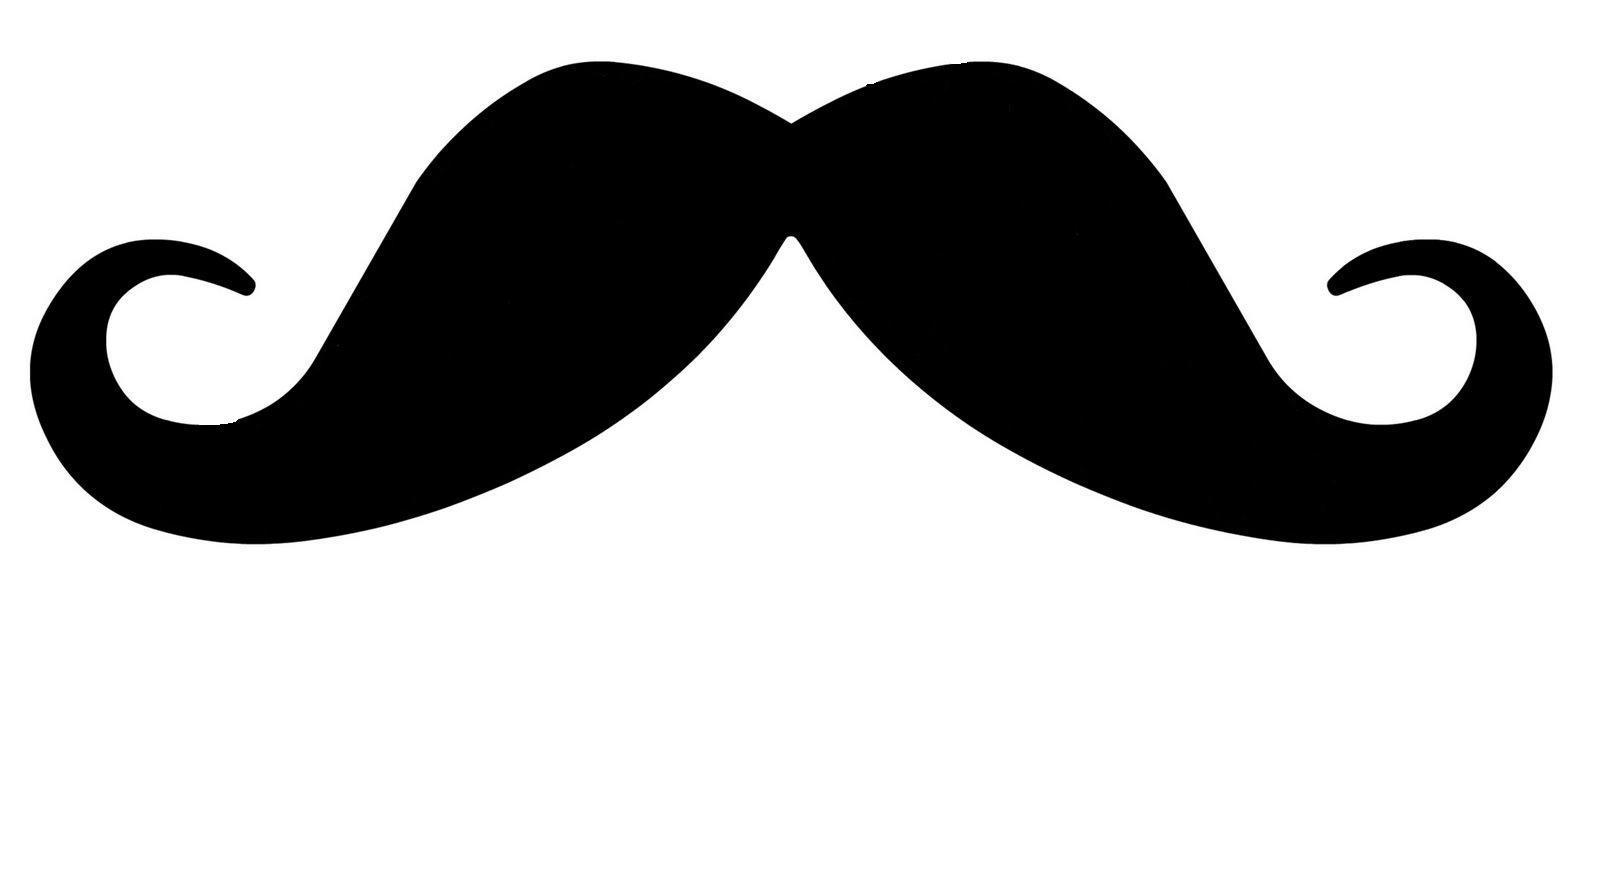 Mustache clipart handlebar mustache. Moustache outline cliparting com